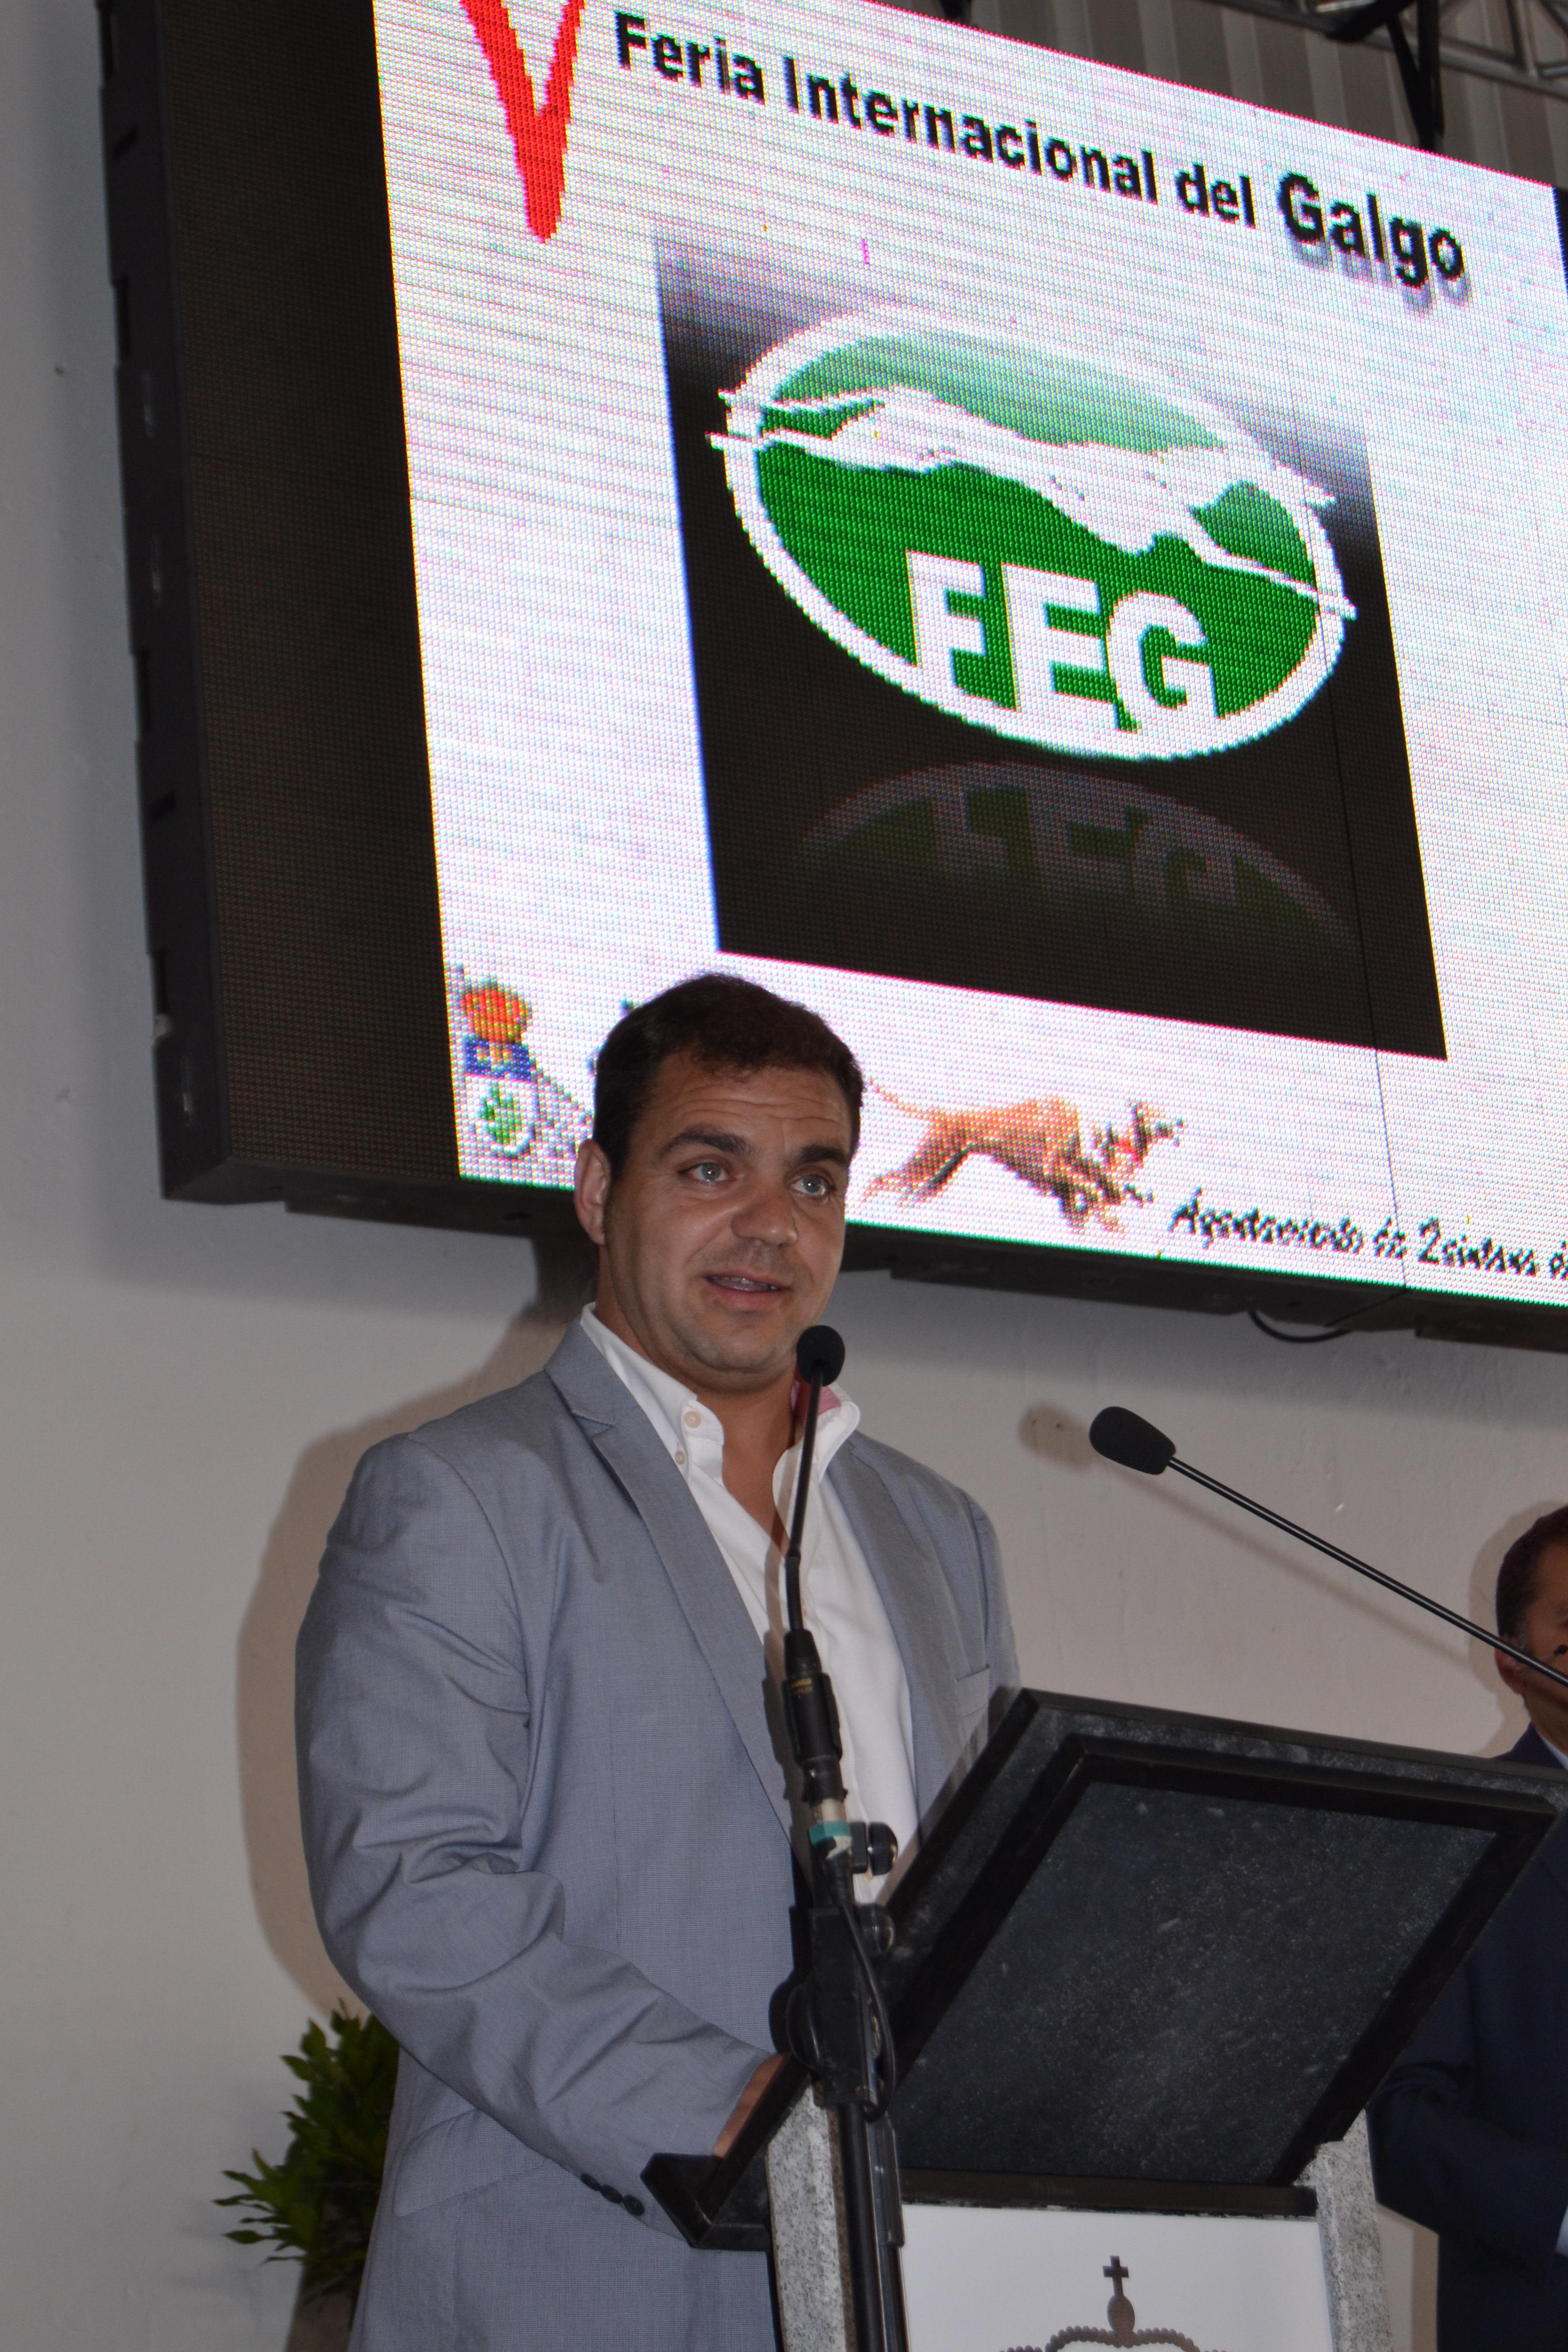 V FERIA INTERNACIONAL DEL GALGO Y XXVII CAMPEONATO NACIONAL